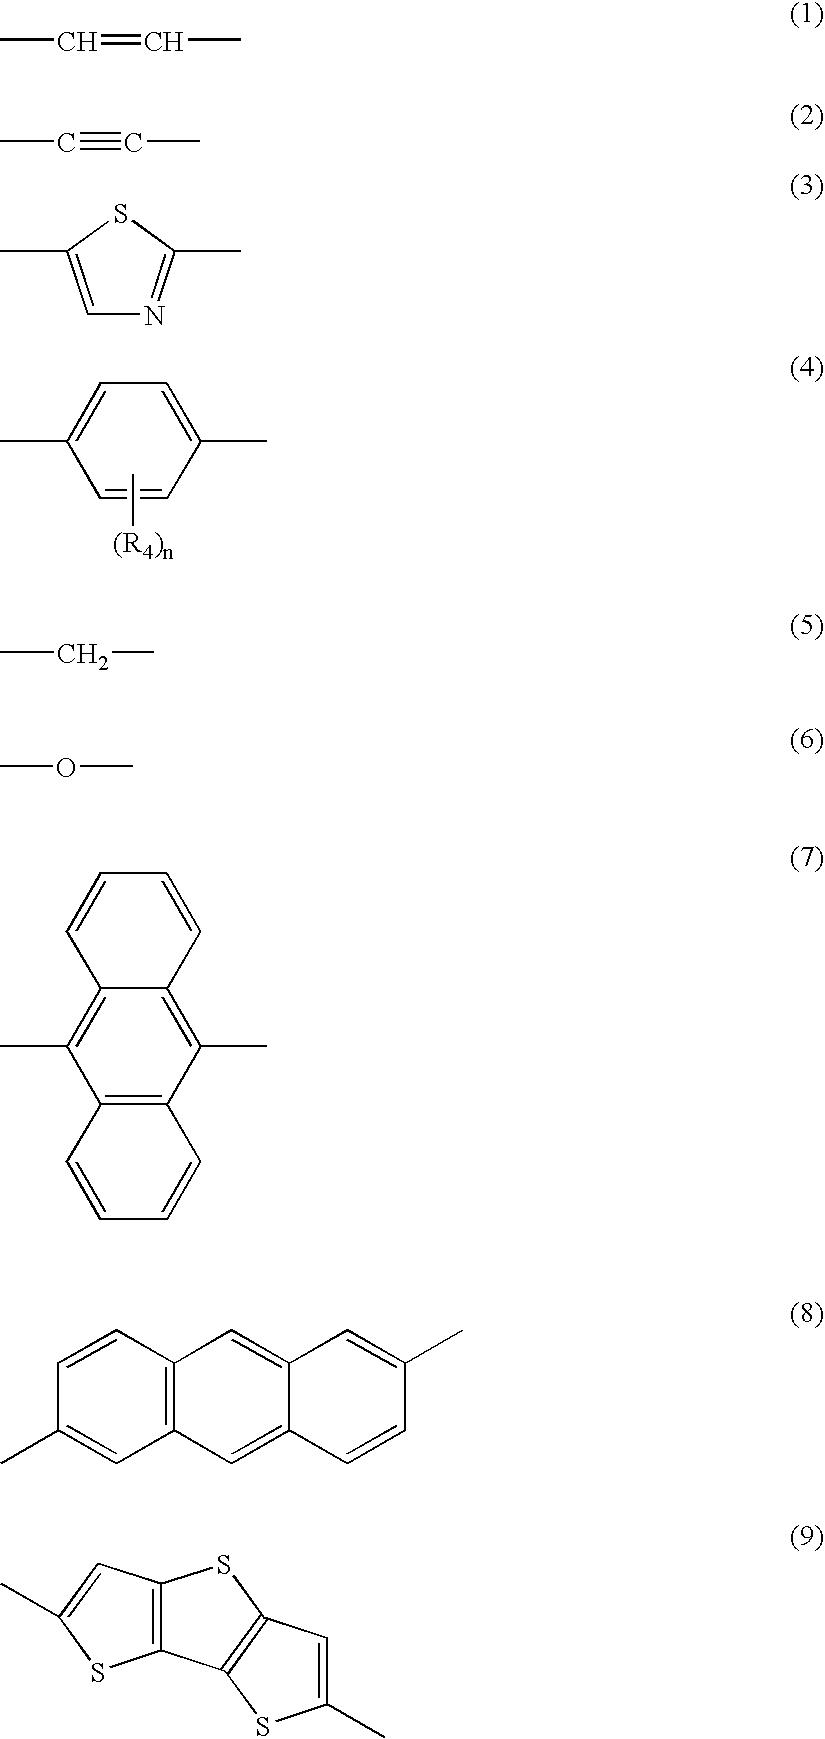 Figure US07282735-20071016-C00002